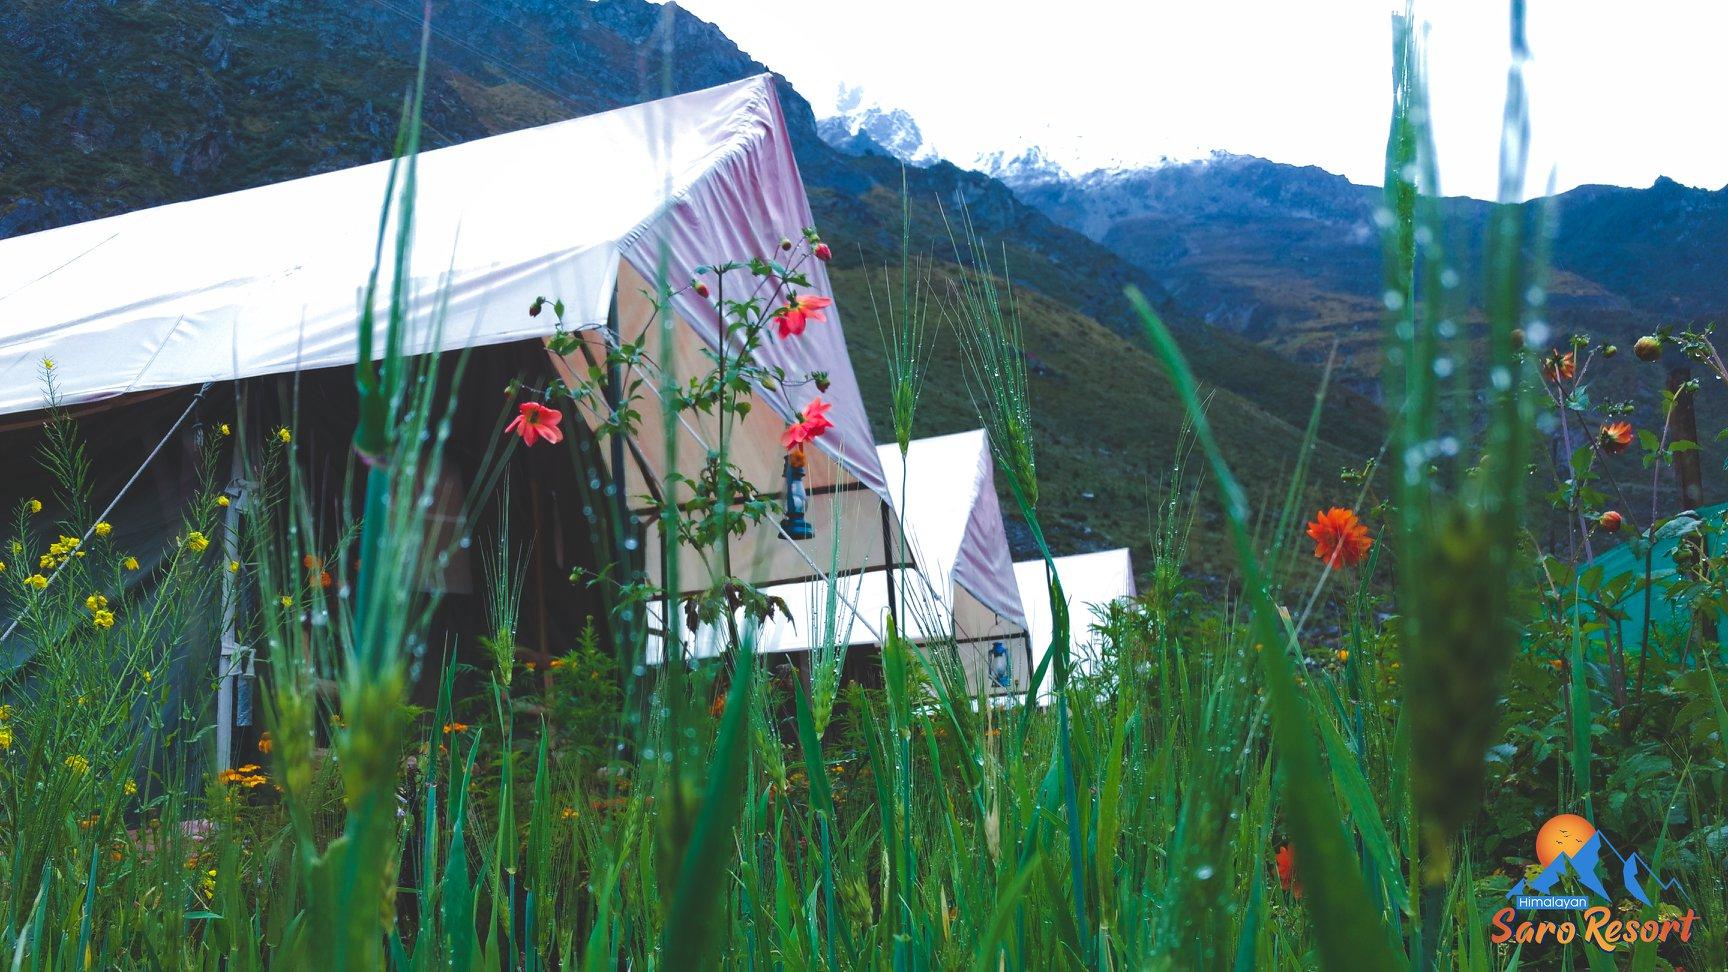 Himalayan Saro Resort Badrinath